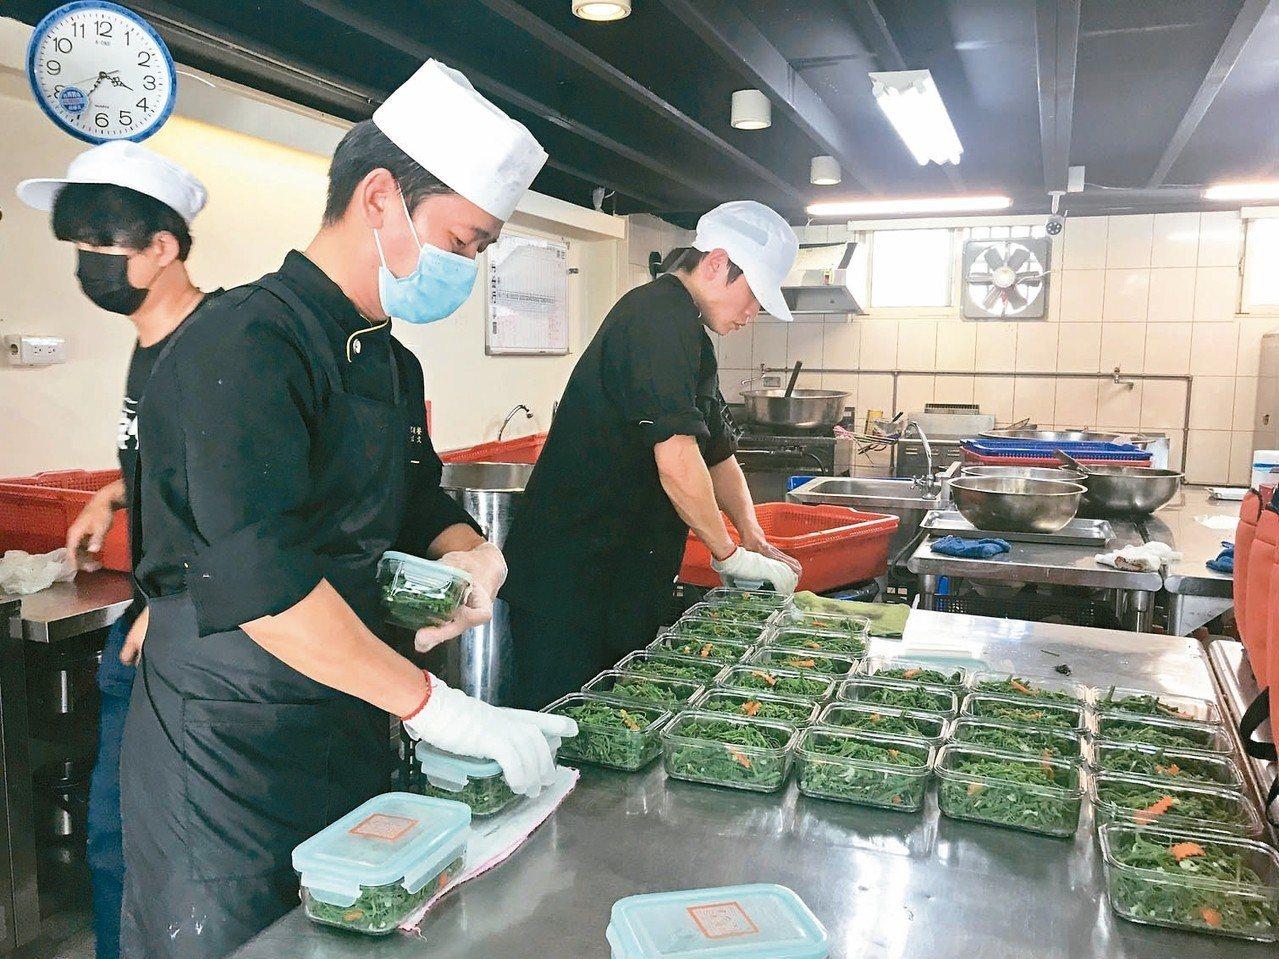 「宅夕食」員工們正忙著將剛製作完成的菜餚分裝到環保餐盒中。 記者郭政芬/攝影